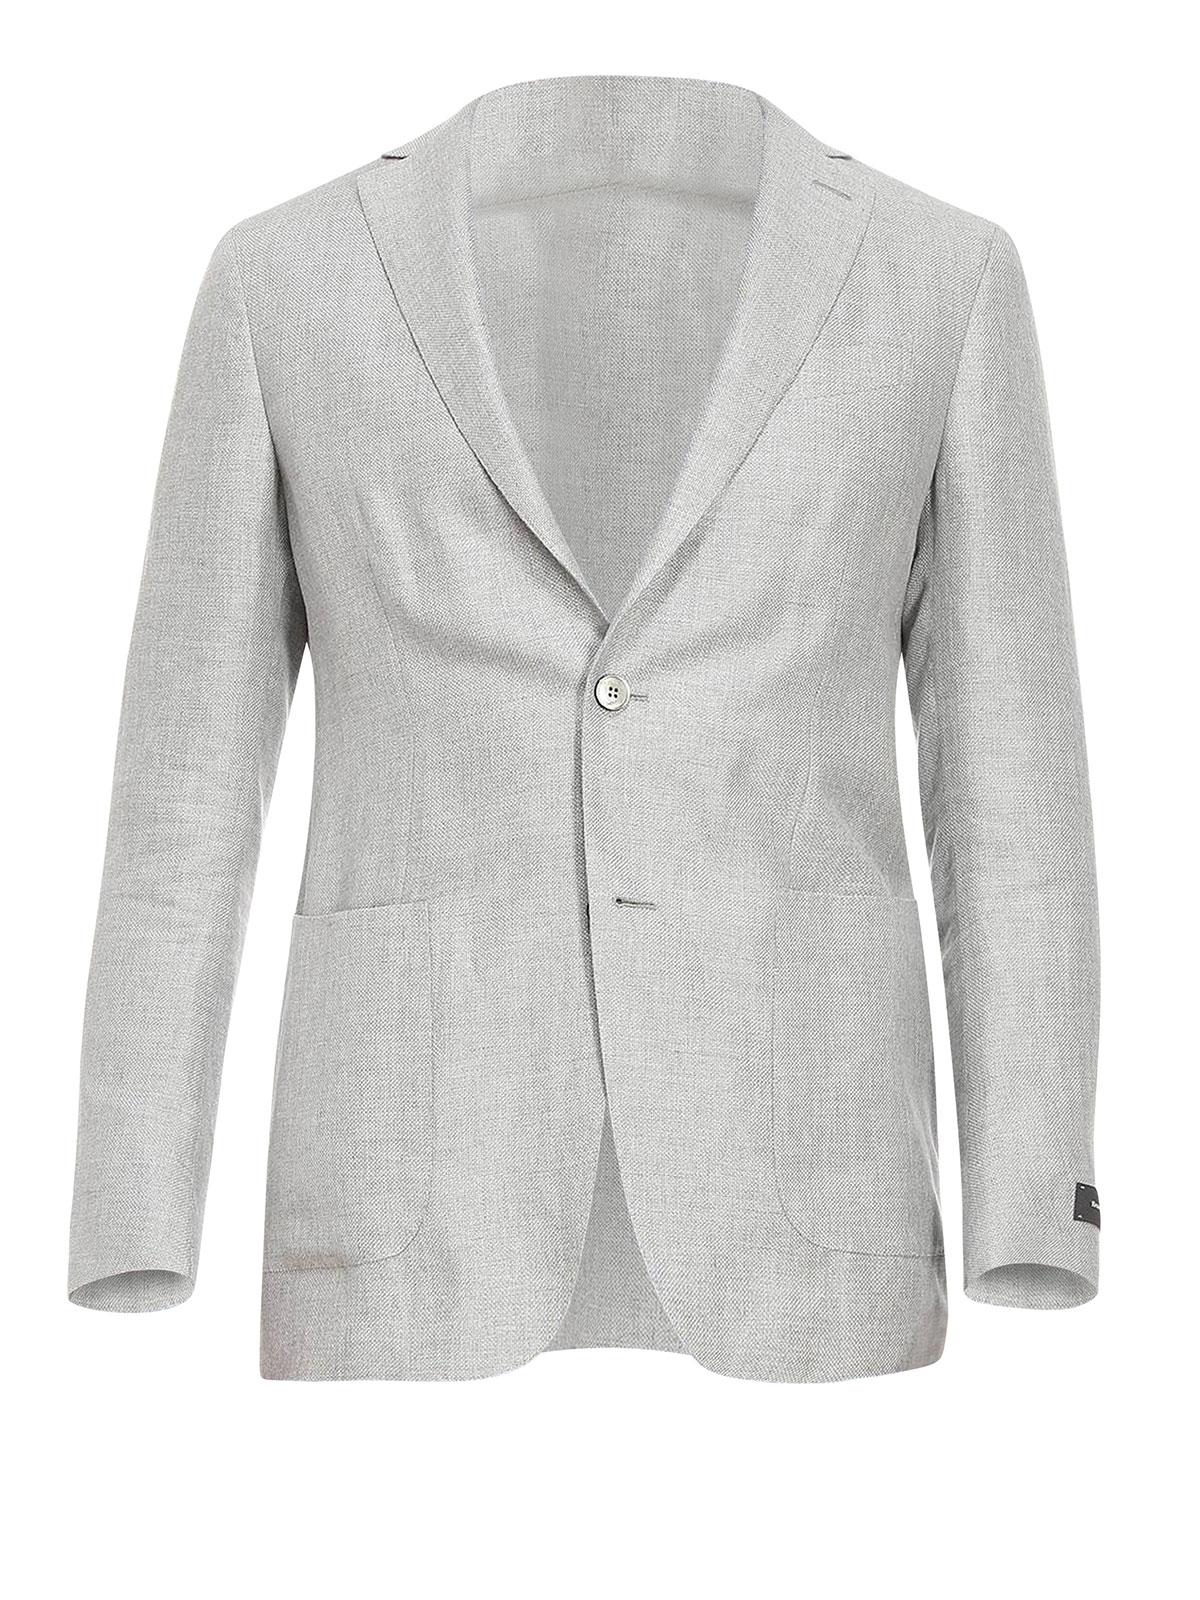 5608e4f1 Ermenegildo Zegna - Silk and linen blazer - blazers - 10C1S0 776025